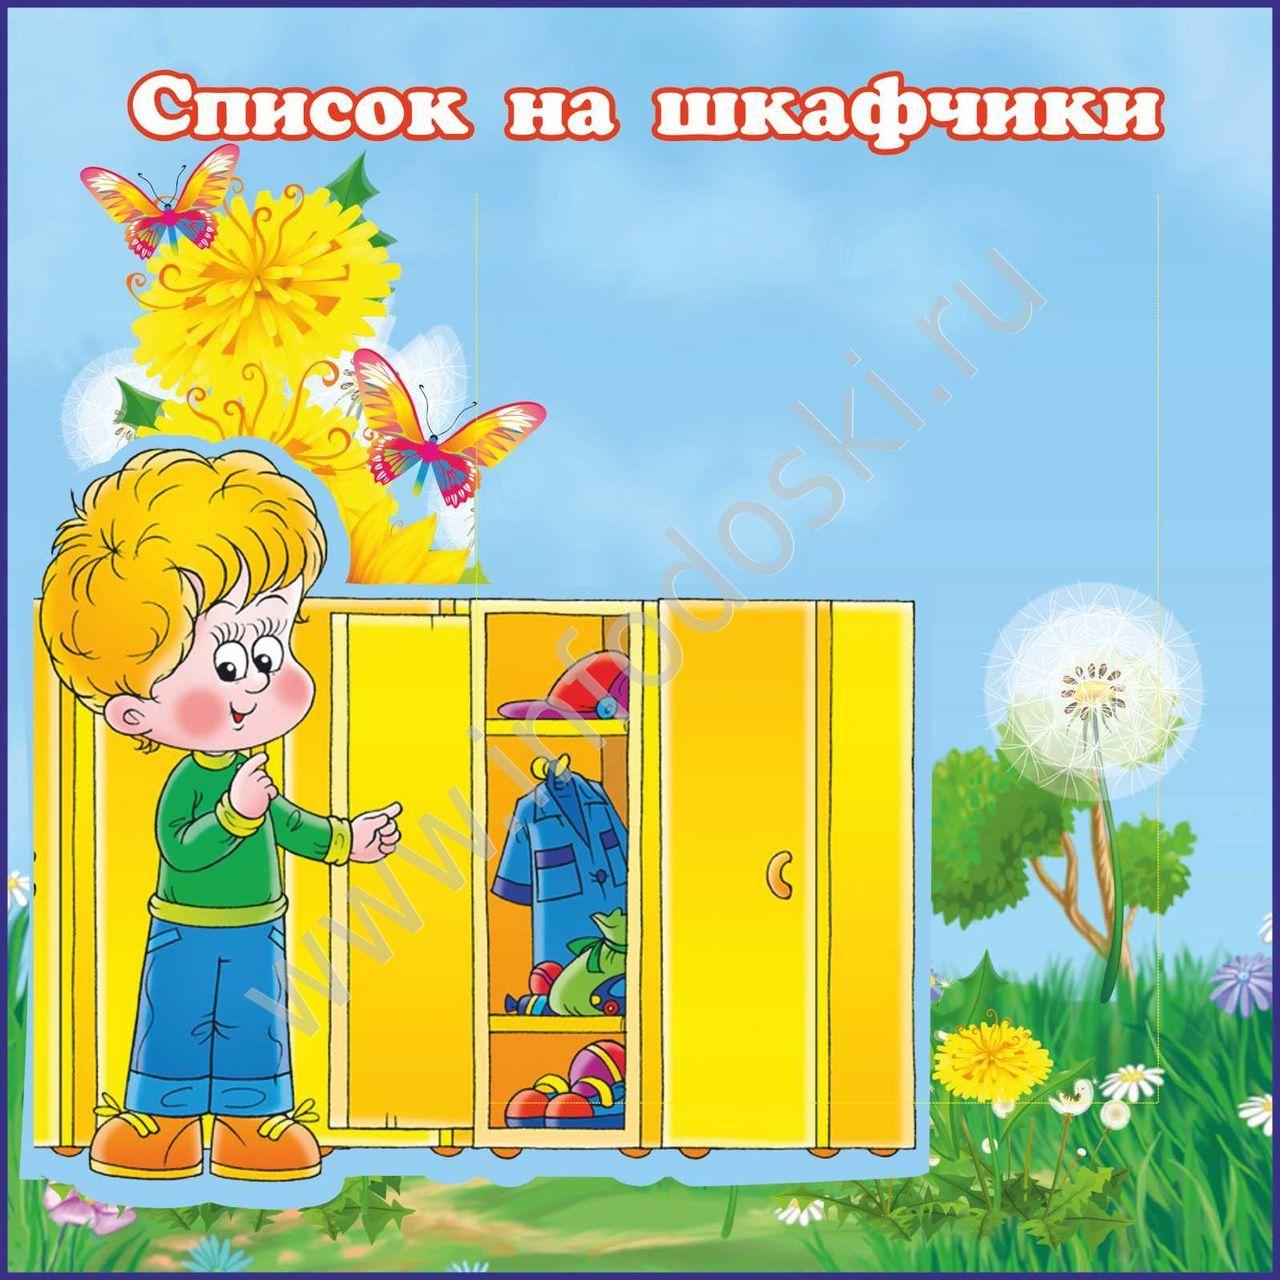 Фото детей на шкафчики в детском саду